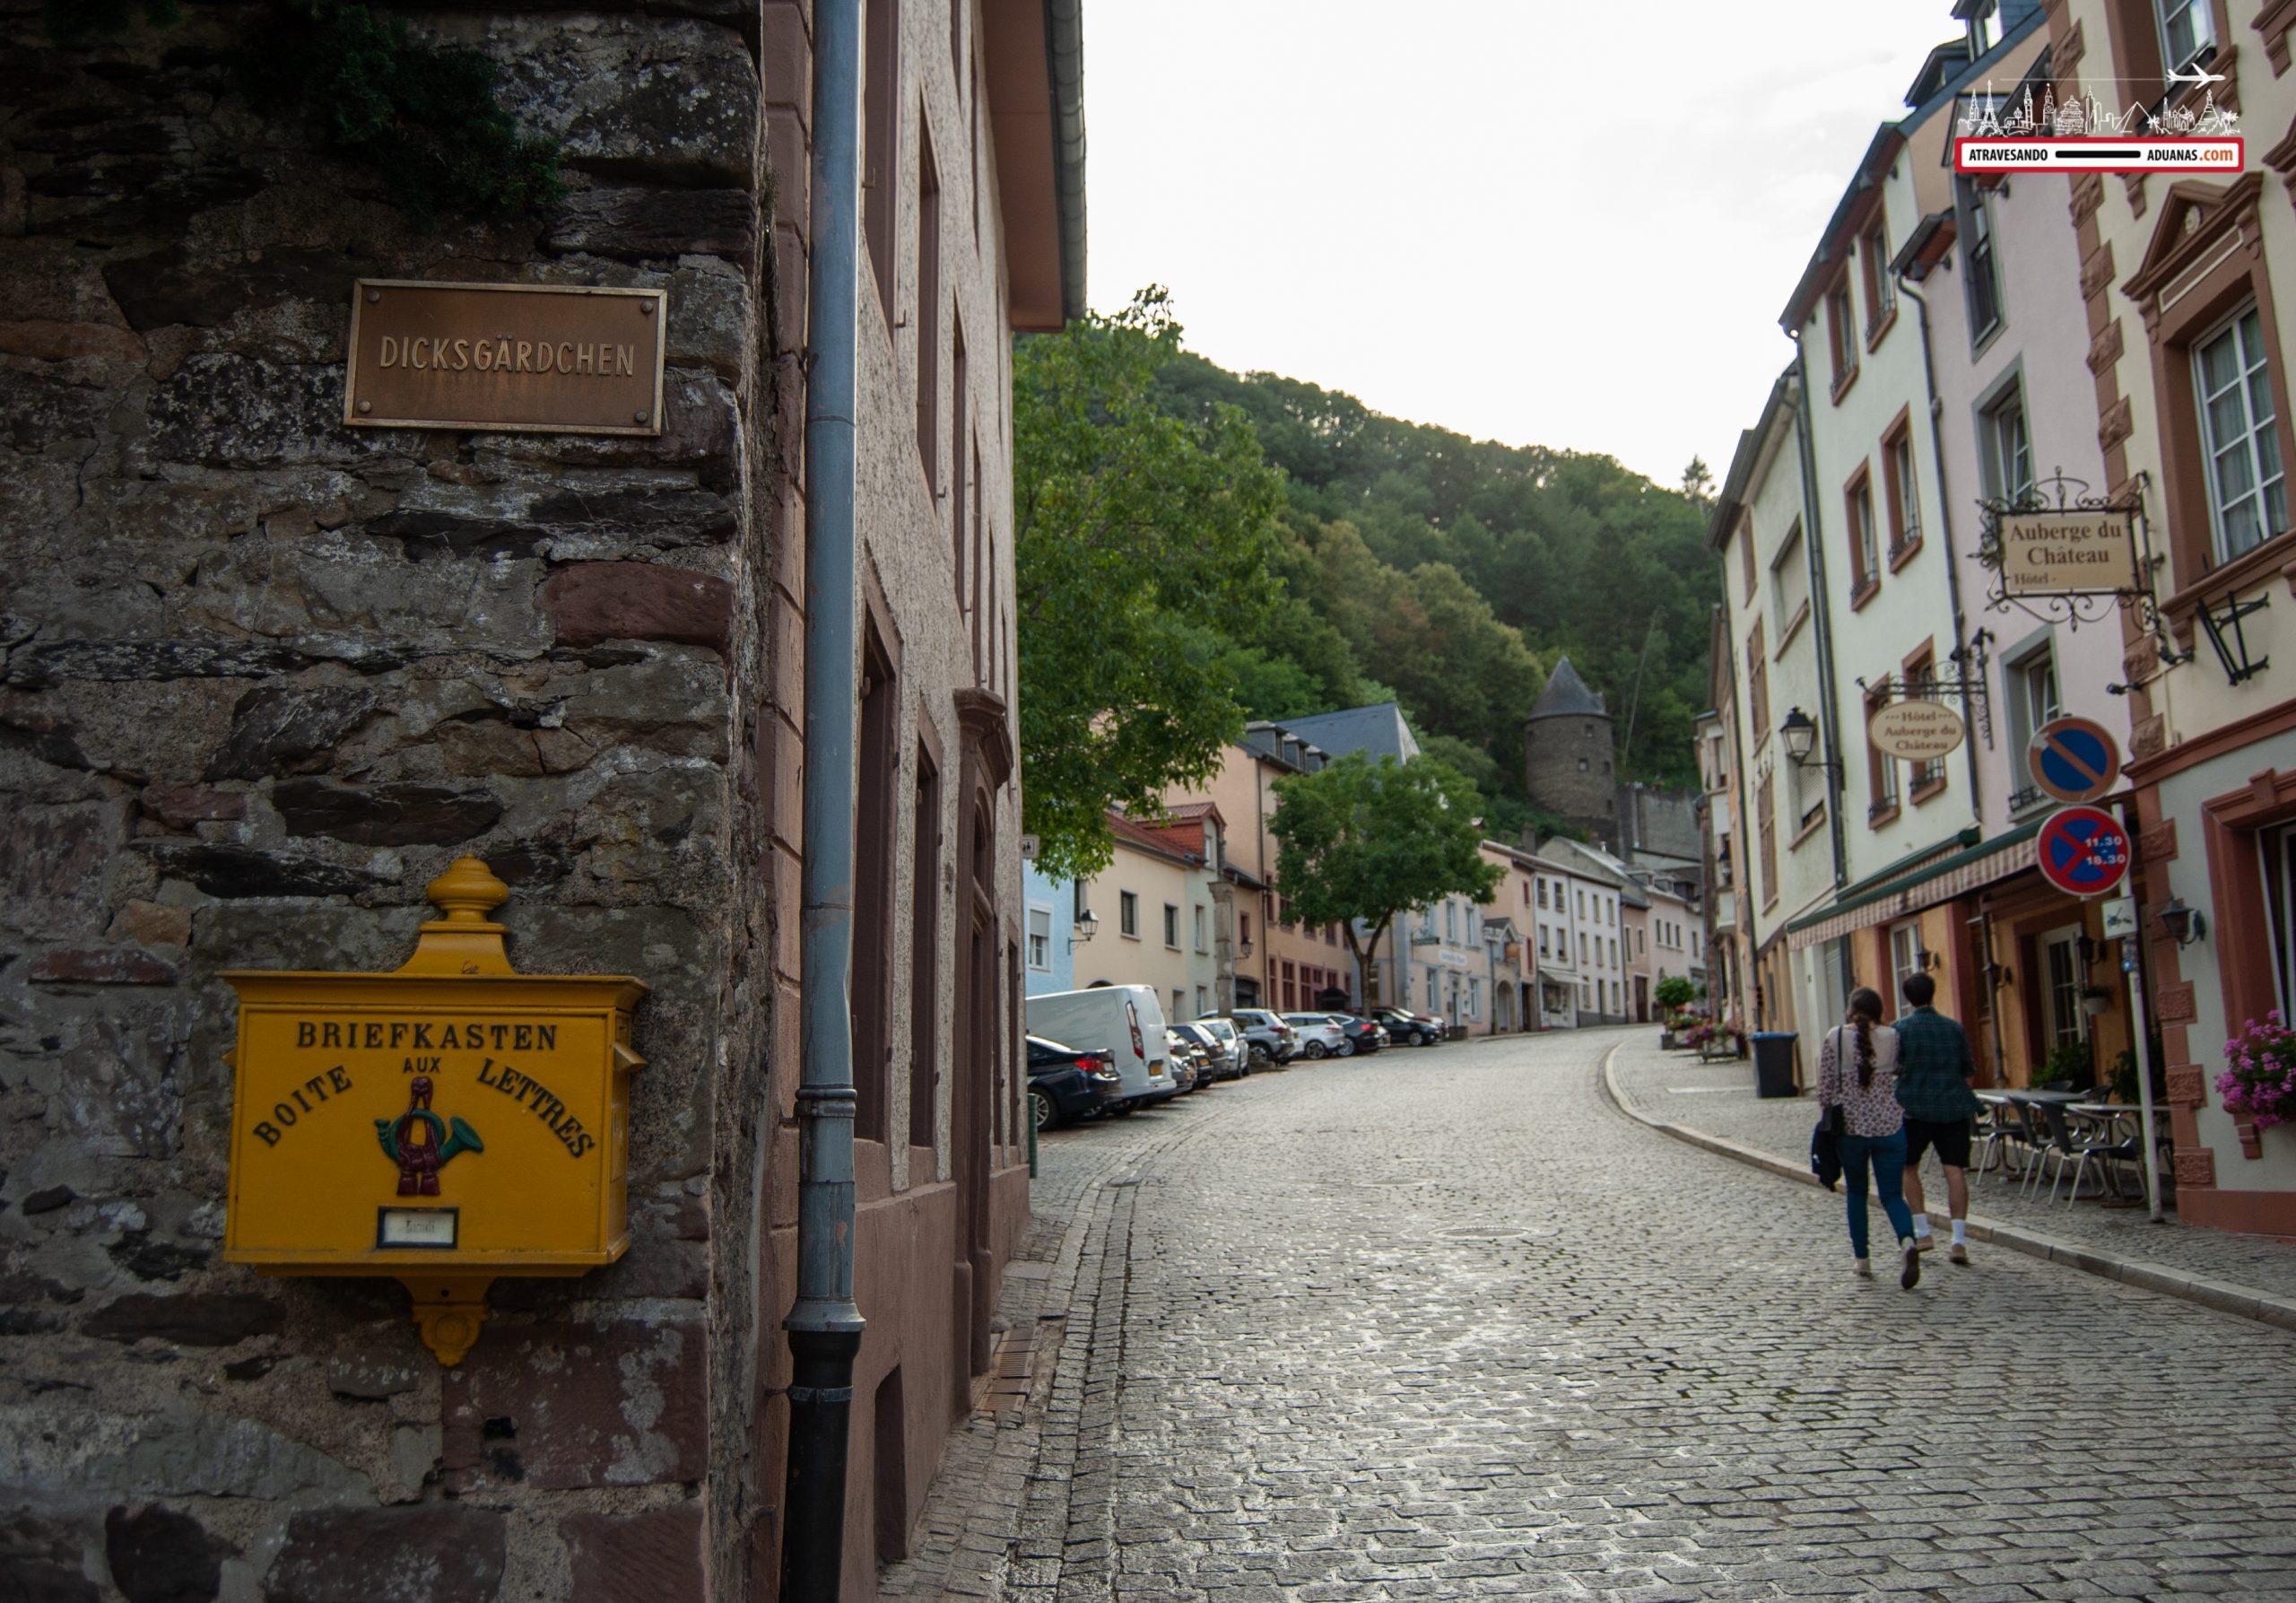 Callejones de Vianden, Luxemburgo